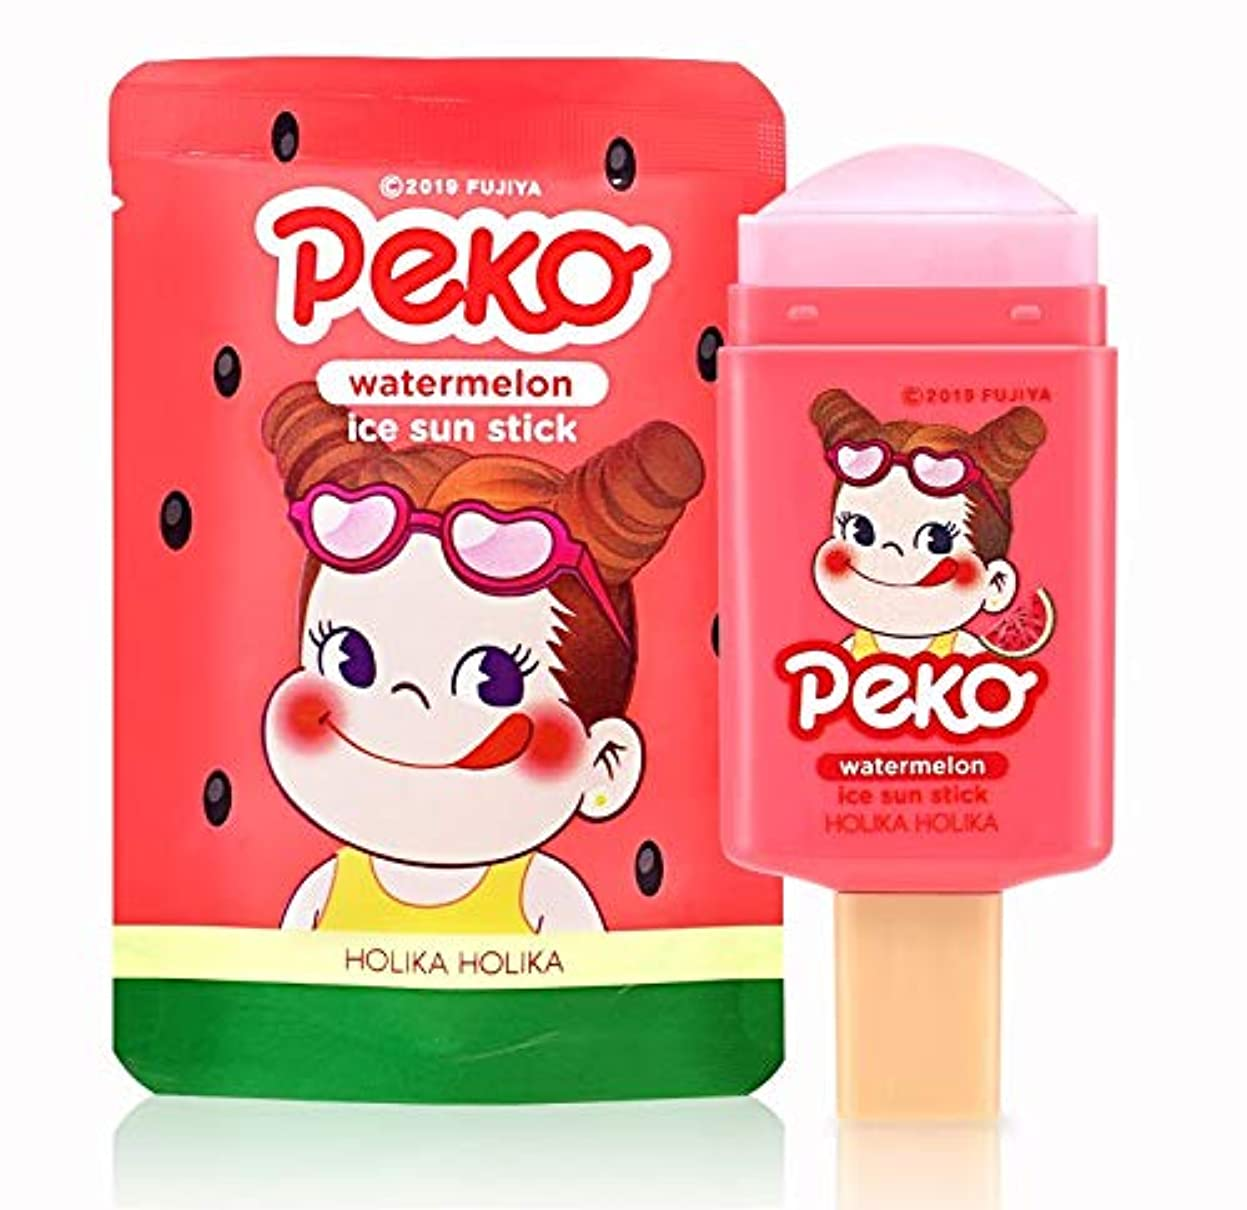 ペーストハリケーンチロホリカホリカ [スイートペコエディション] スイカ アイス サン スティック 14g / Holika Holika [Sweet Peko Edition] Watermellon Ice Sun Stick SPF50...